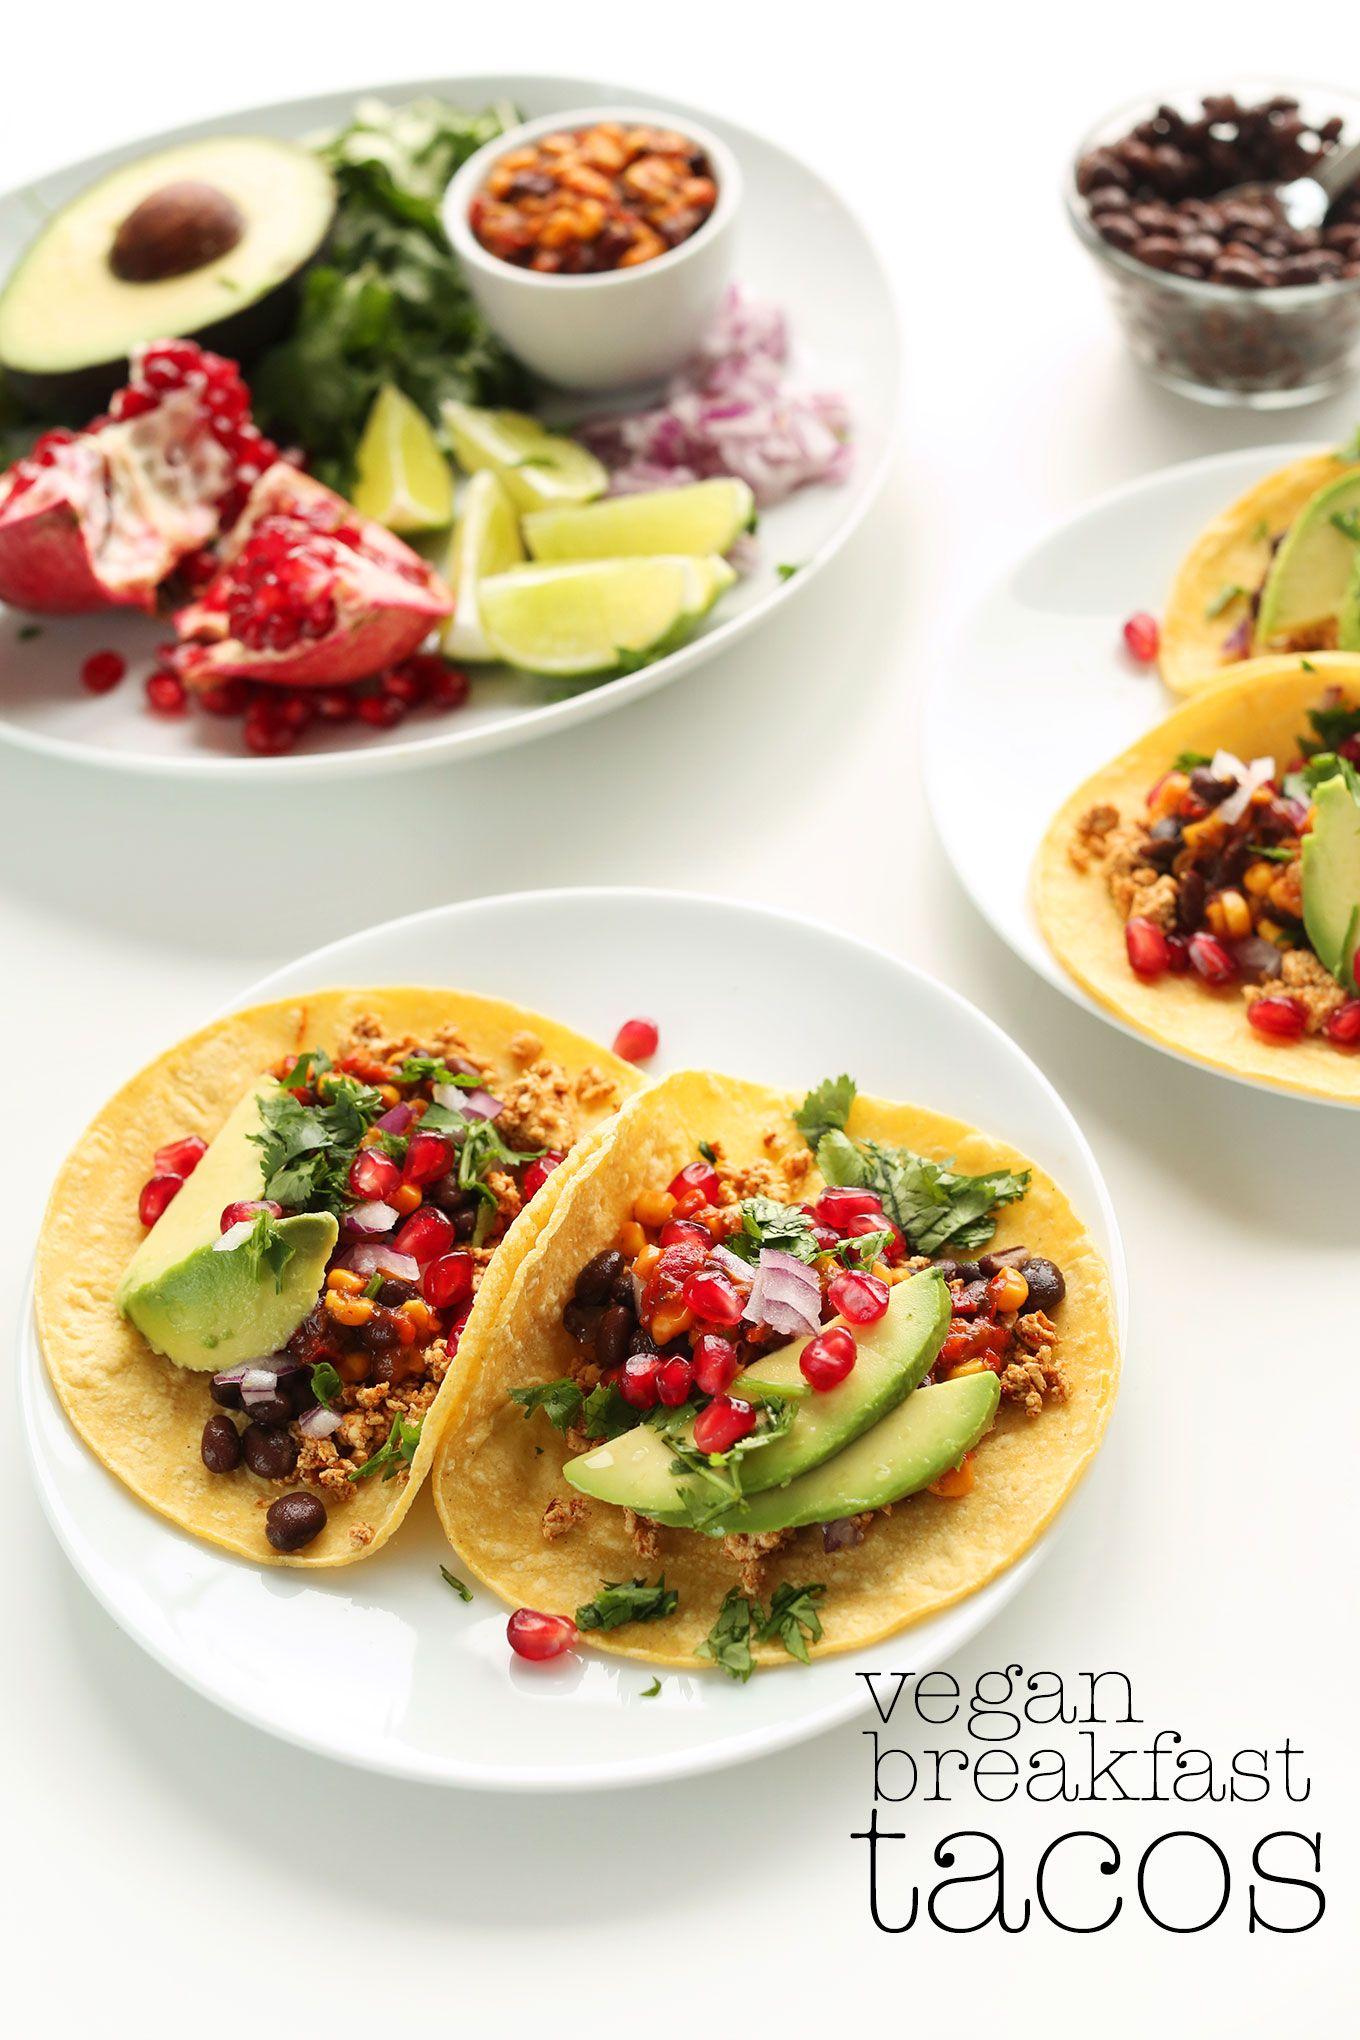 Vegan Breakfast Tacos Minimalist Baker Recipes Recipe Vegan Breakfast Easy Recipes Easy Vegan